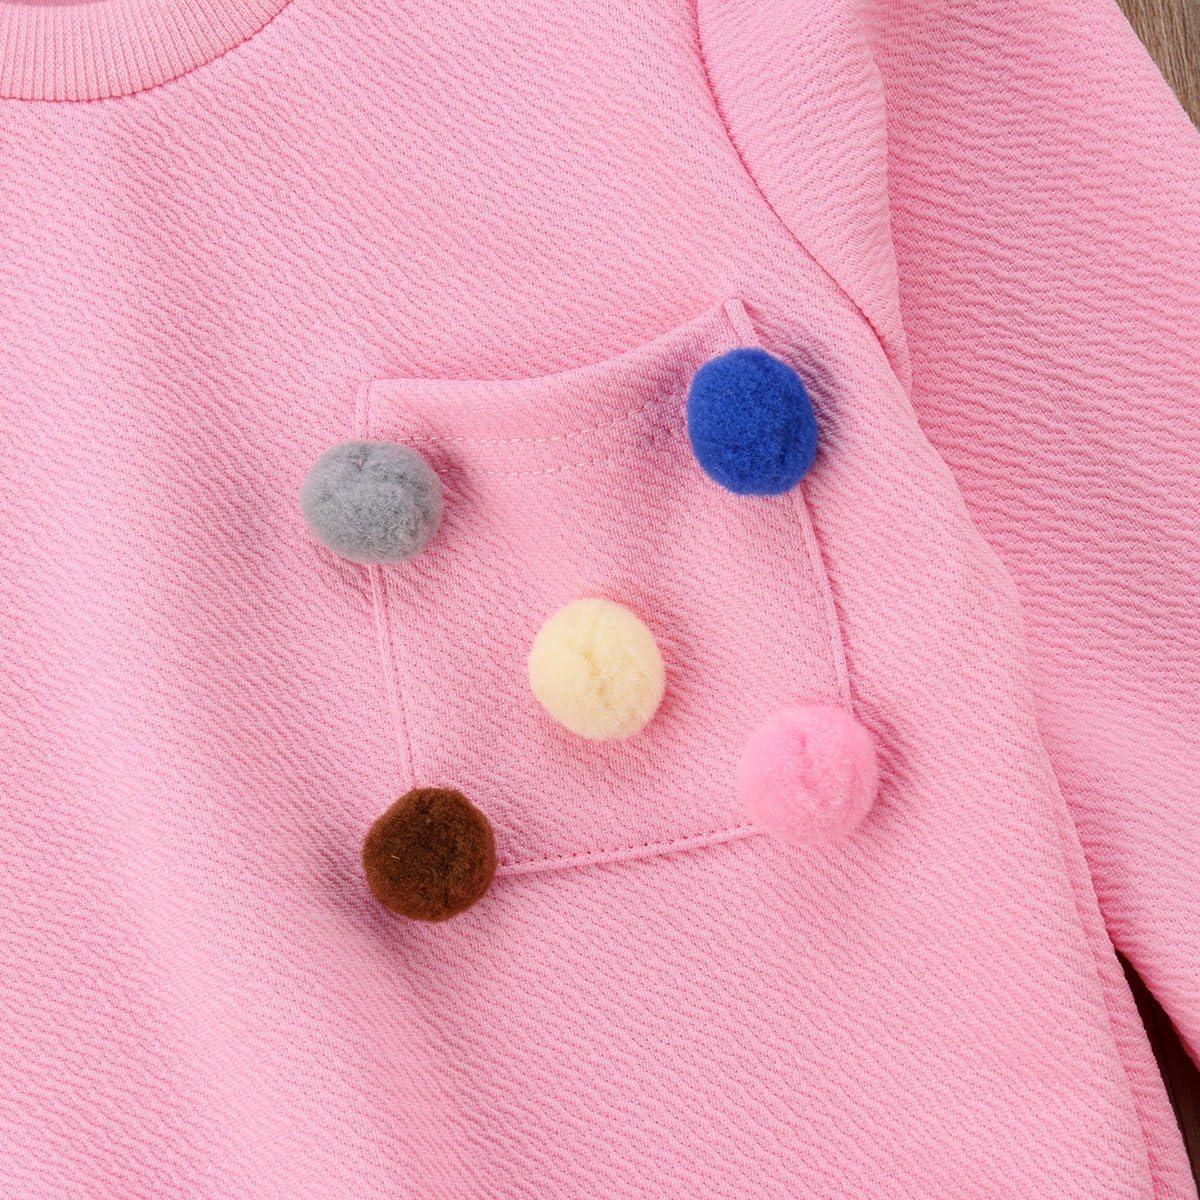 Kid Little Girl Fall Winter Skirt Outfit Set Casual Toddler Sweatshirt Tops Short Hip Skirt